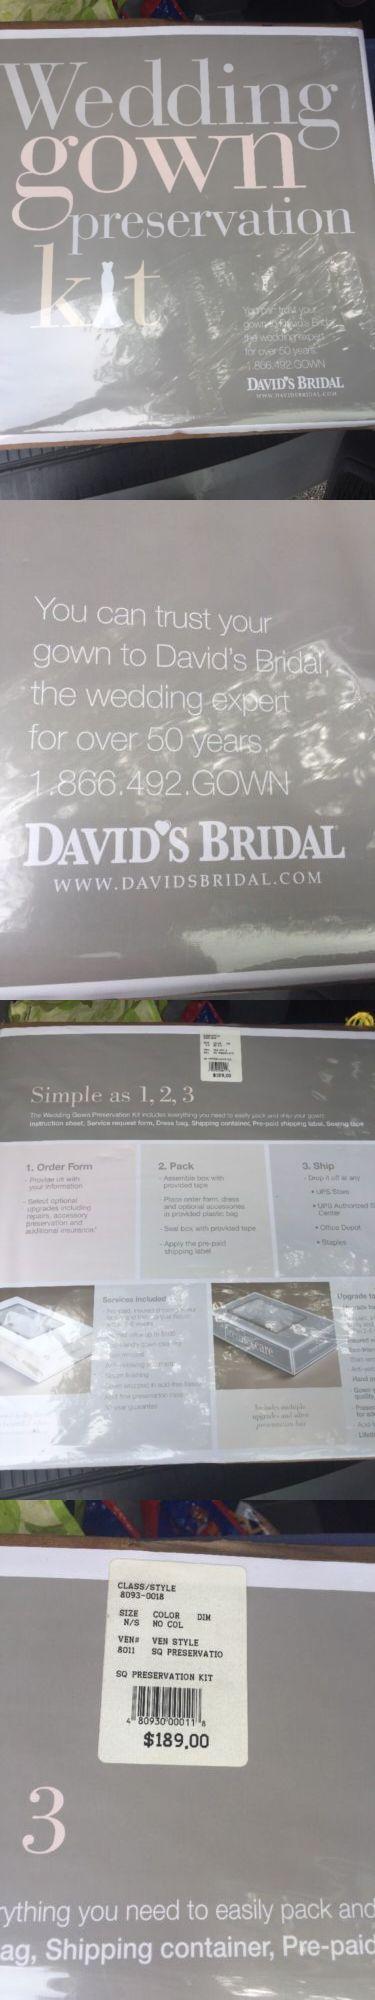 Best Wedding Gown Box Ideas On Pinterest Blush Wedding Gown